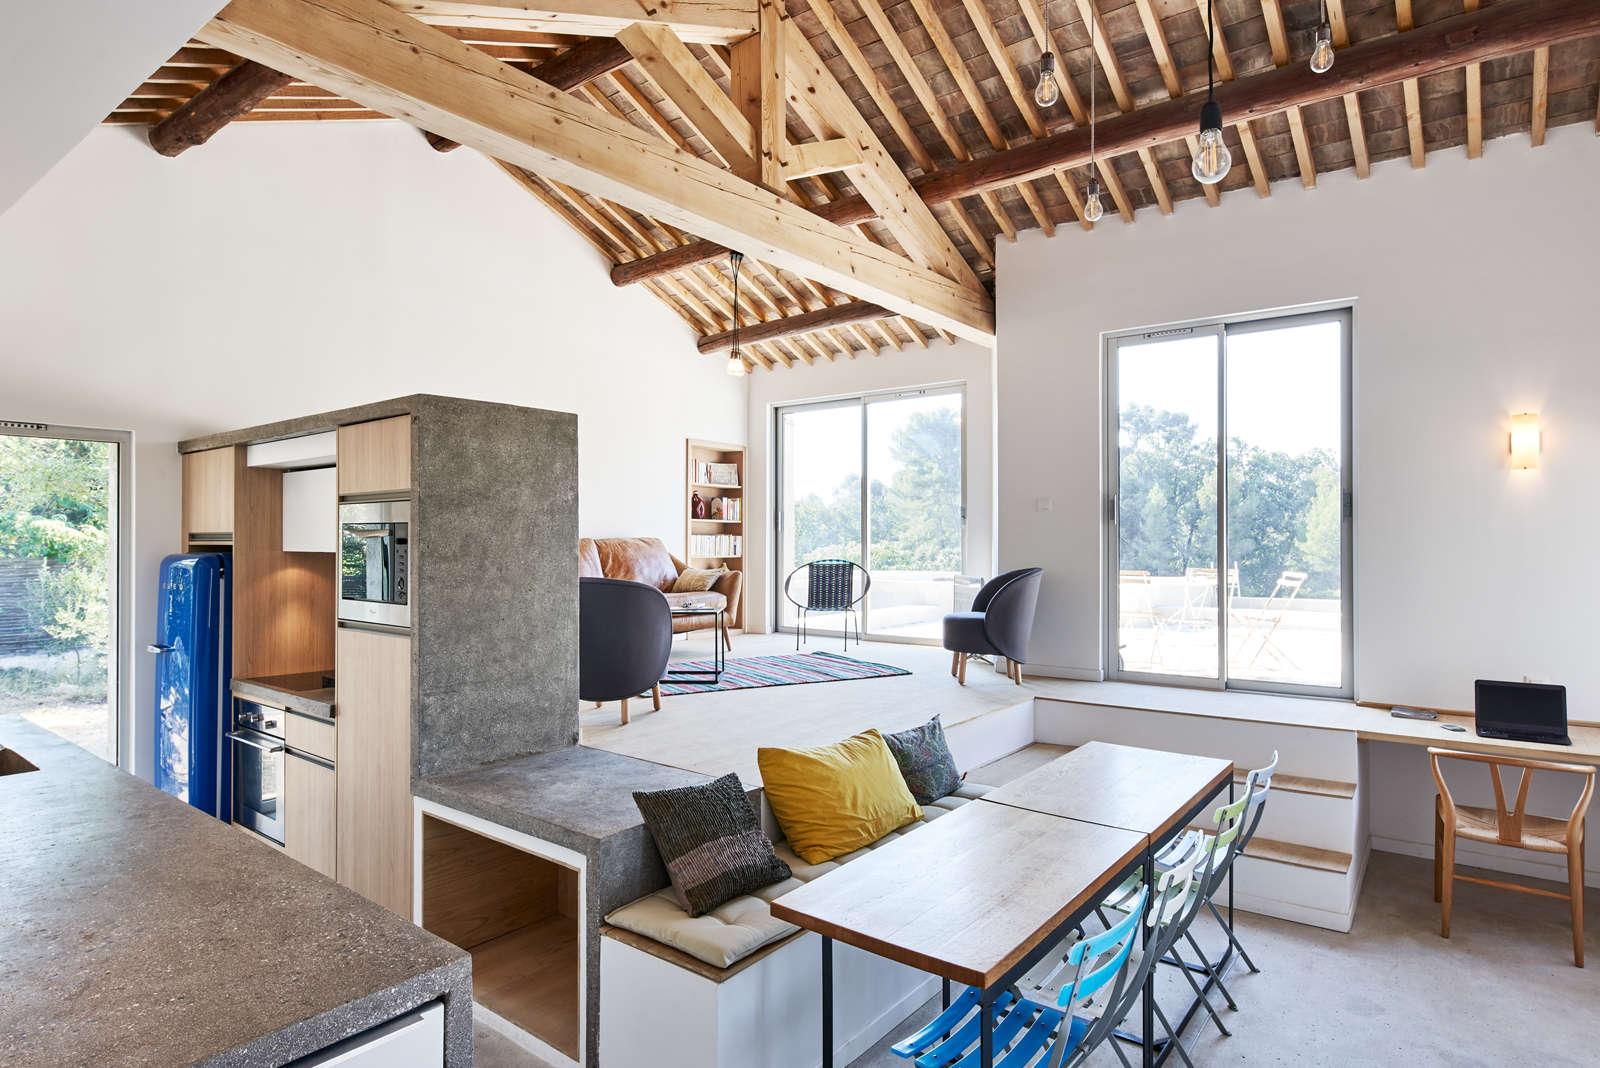 Rénovation contemporaine d'une maison ancienne à Aix-en-Provence